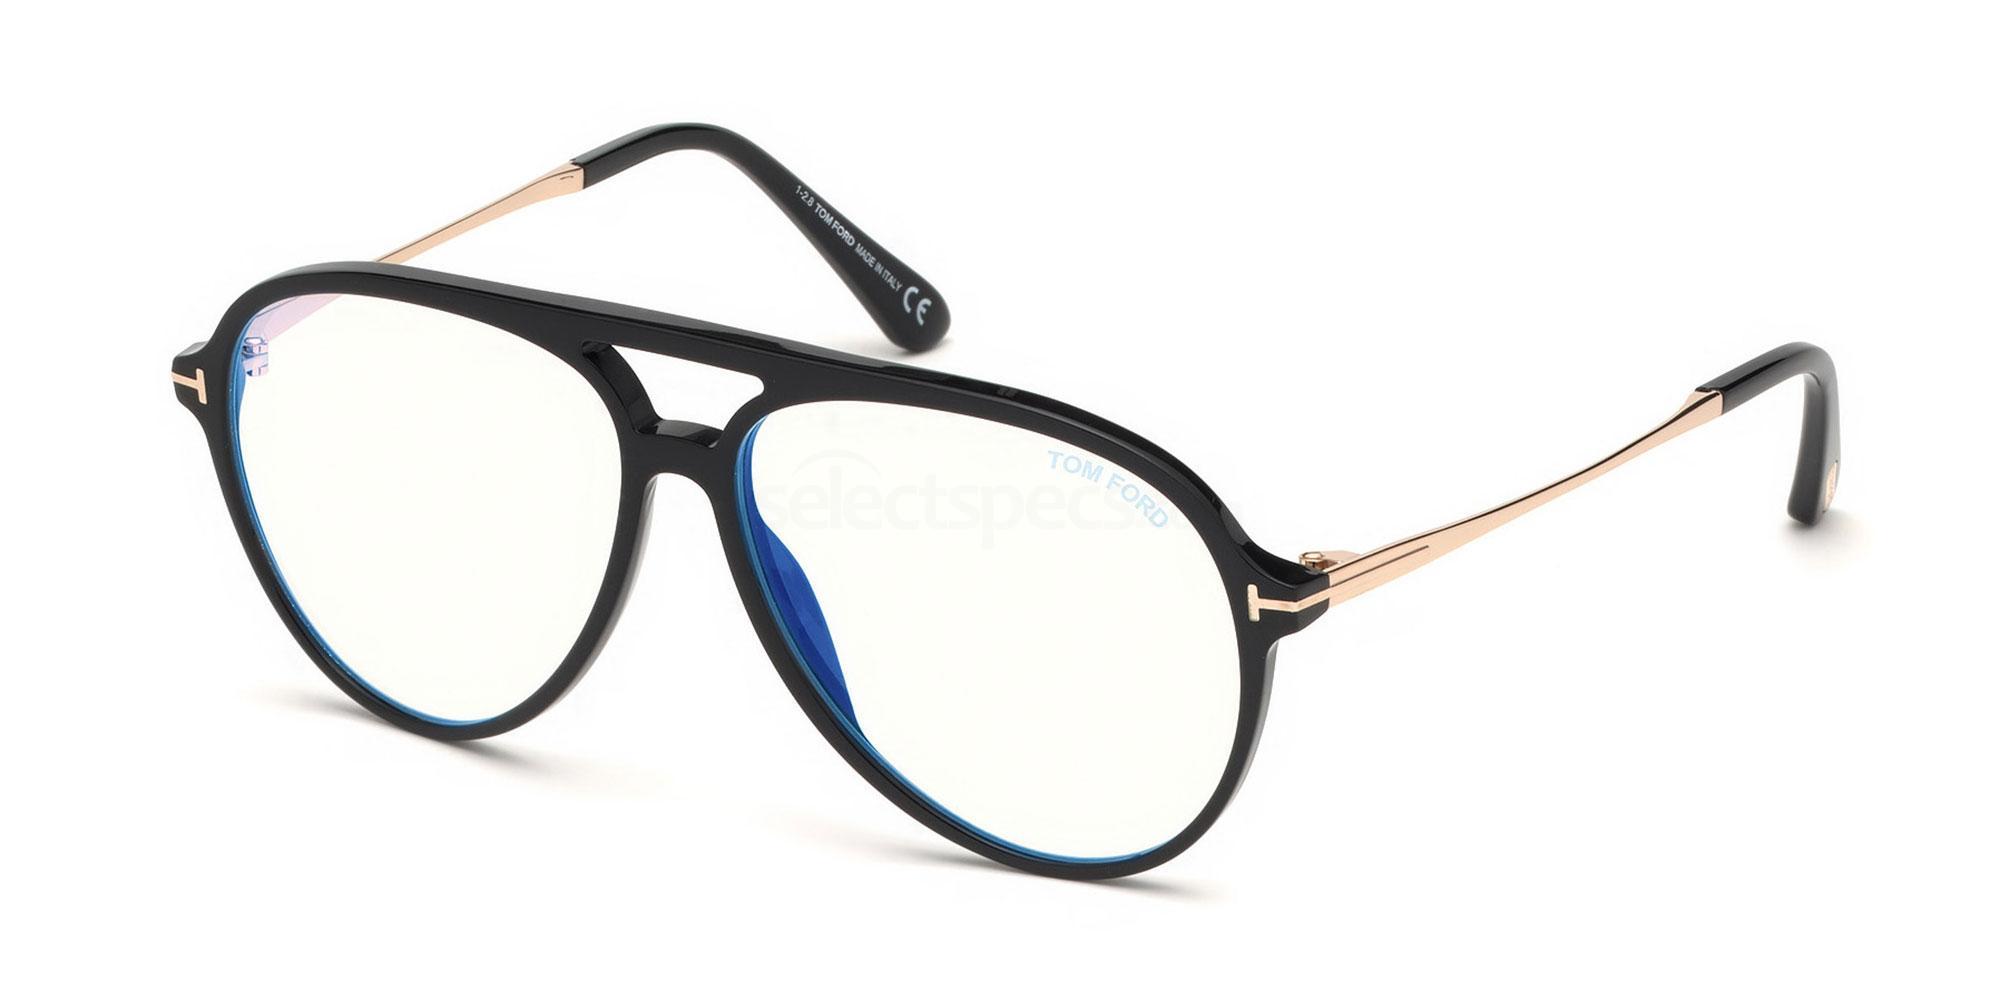 001 FT5586-B Glasses, Tom Ford